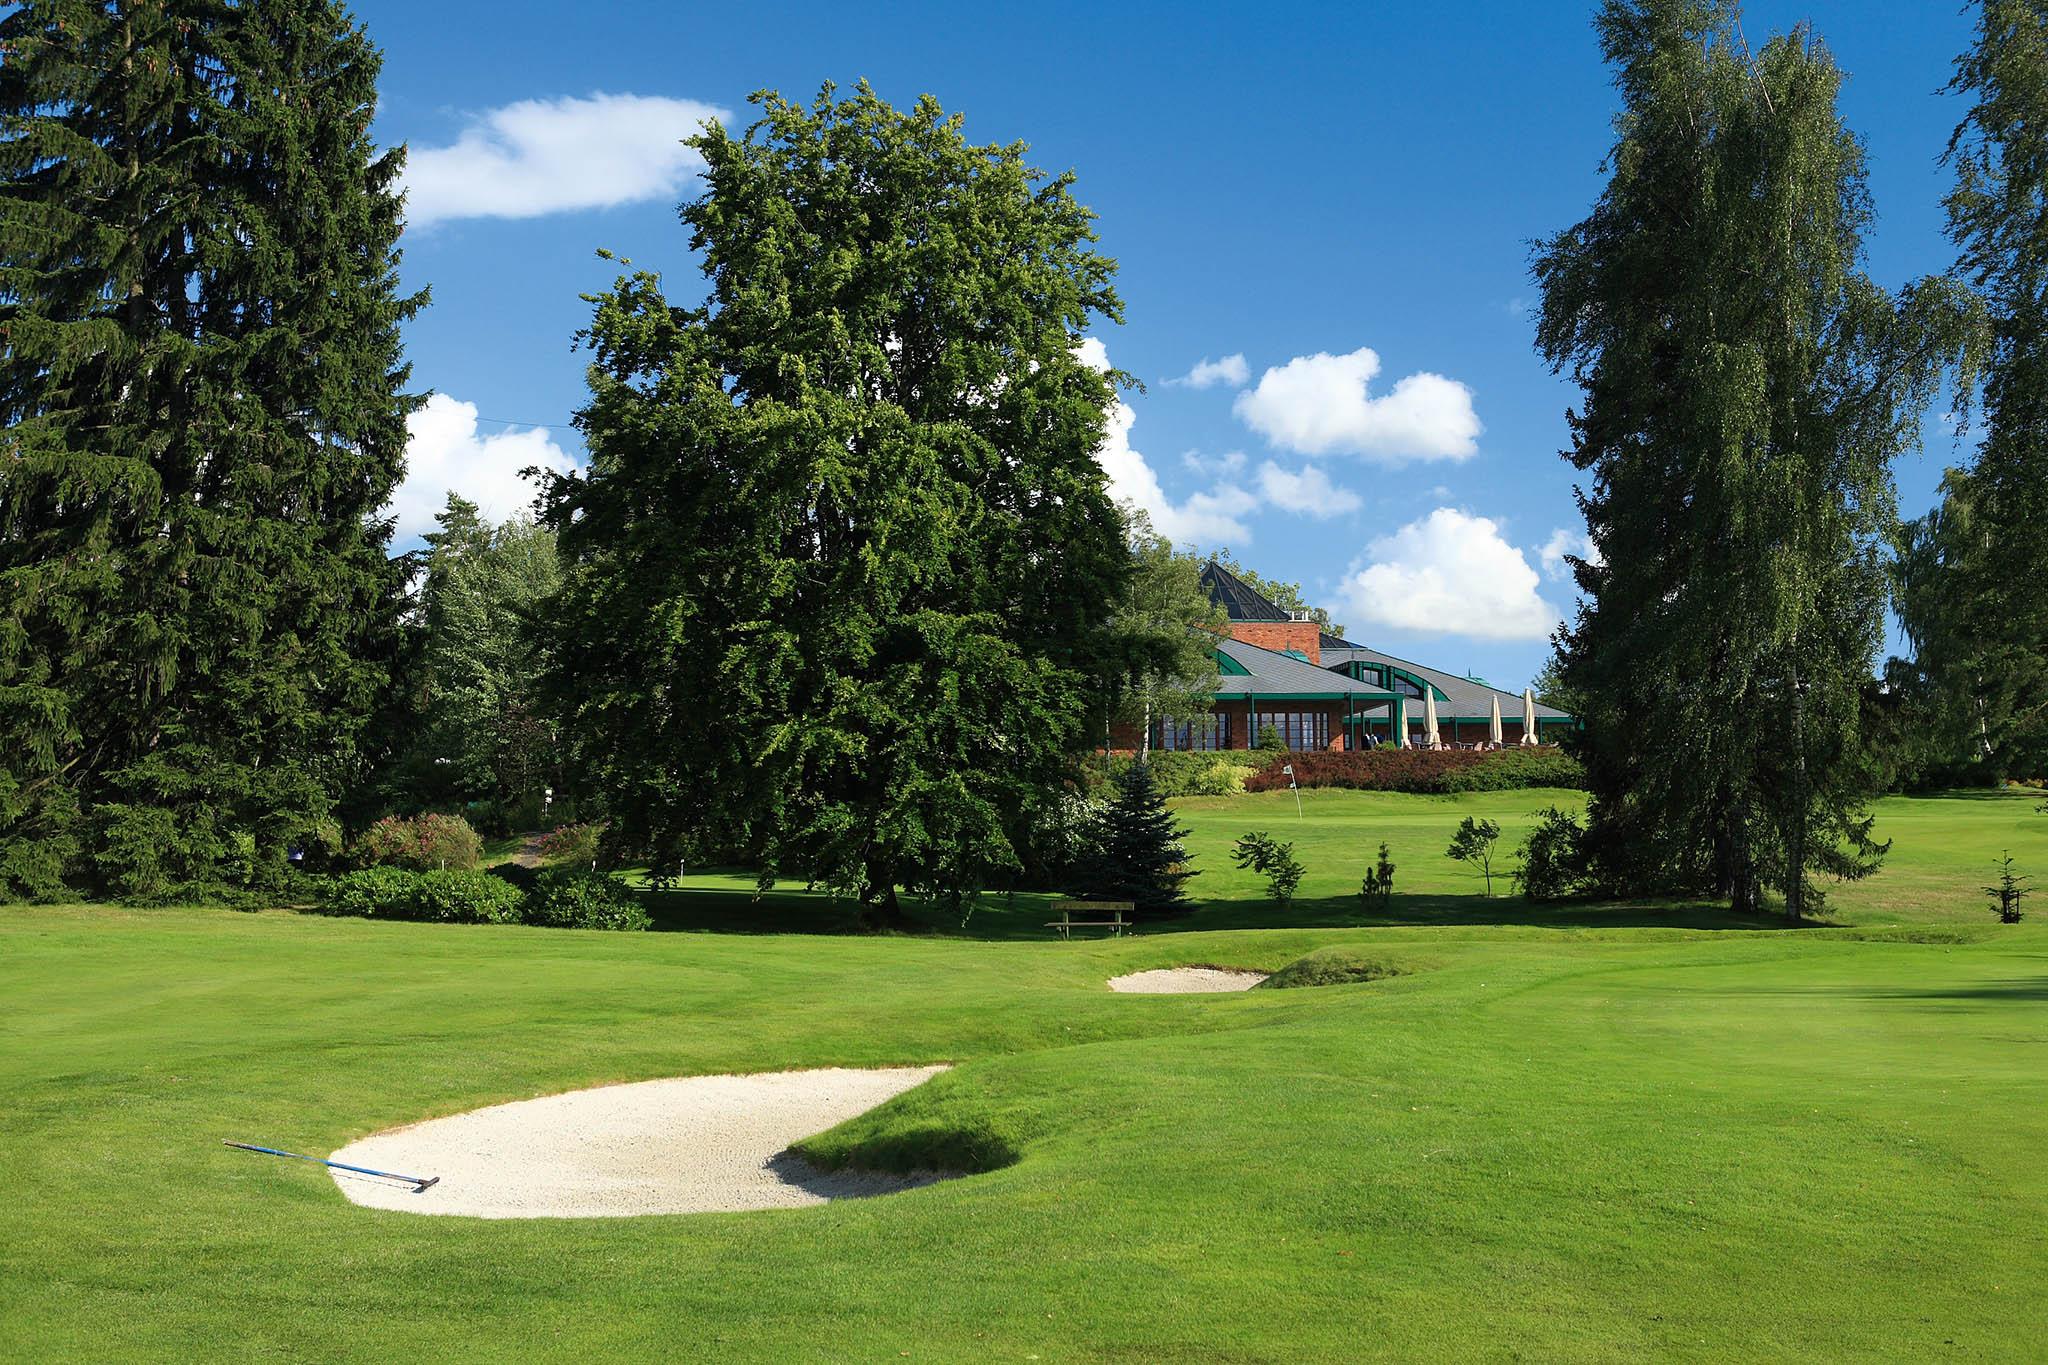 Golf Resort Karlovy Vary: 18 jamek, par 72, délka 6198 m, architekt C. Noskowski